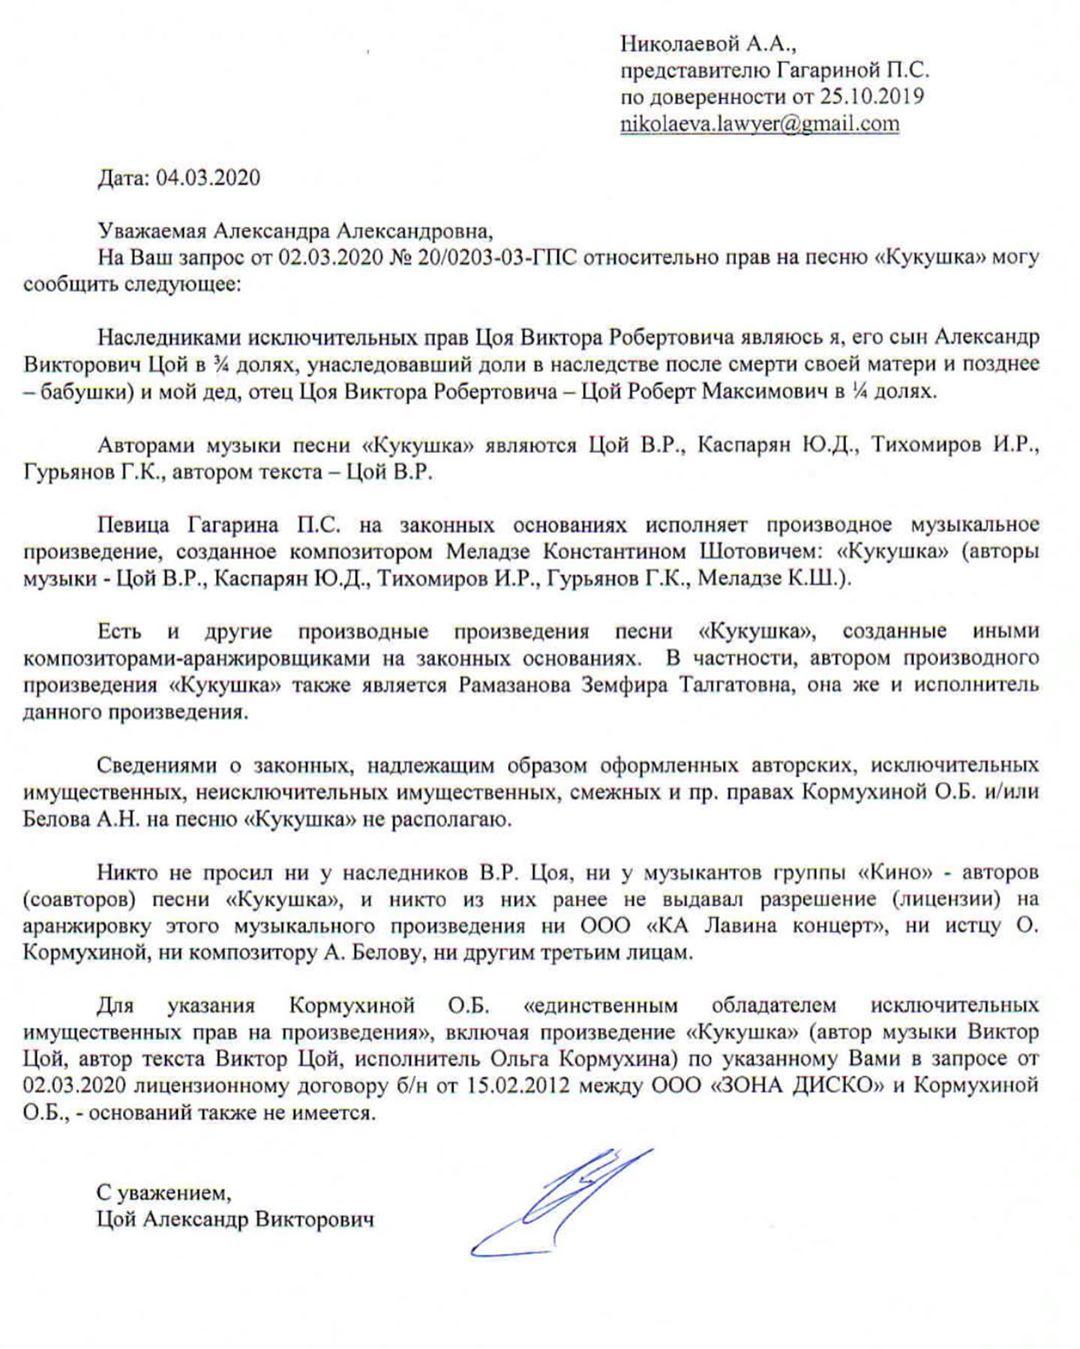 """Сын Виктора Цоя дал разрешение Гагариной петь """"Кукушку"""""""